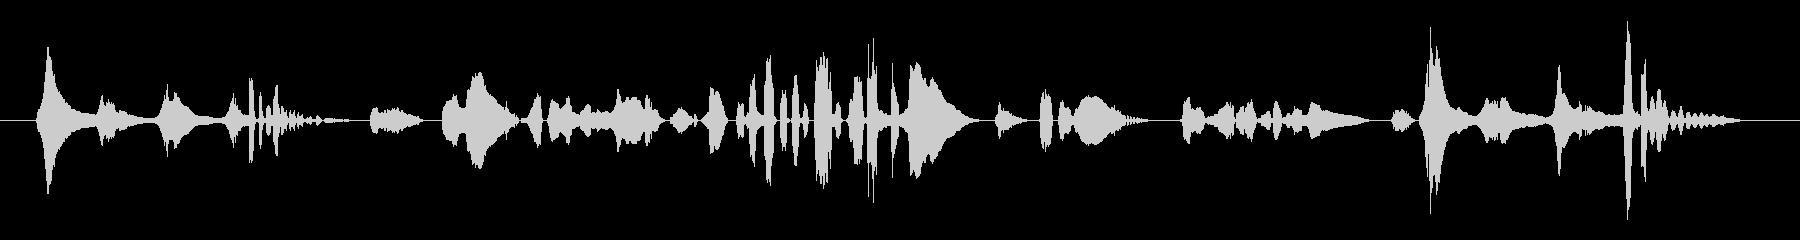 (猫の鳴き声+人間の言葉)の未再生の波形